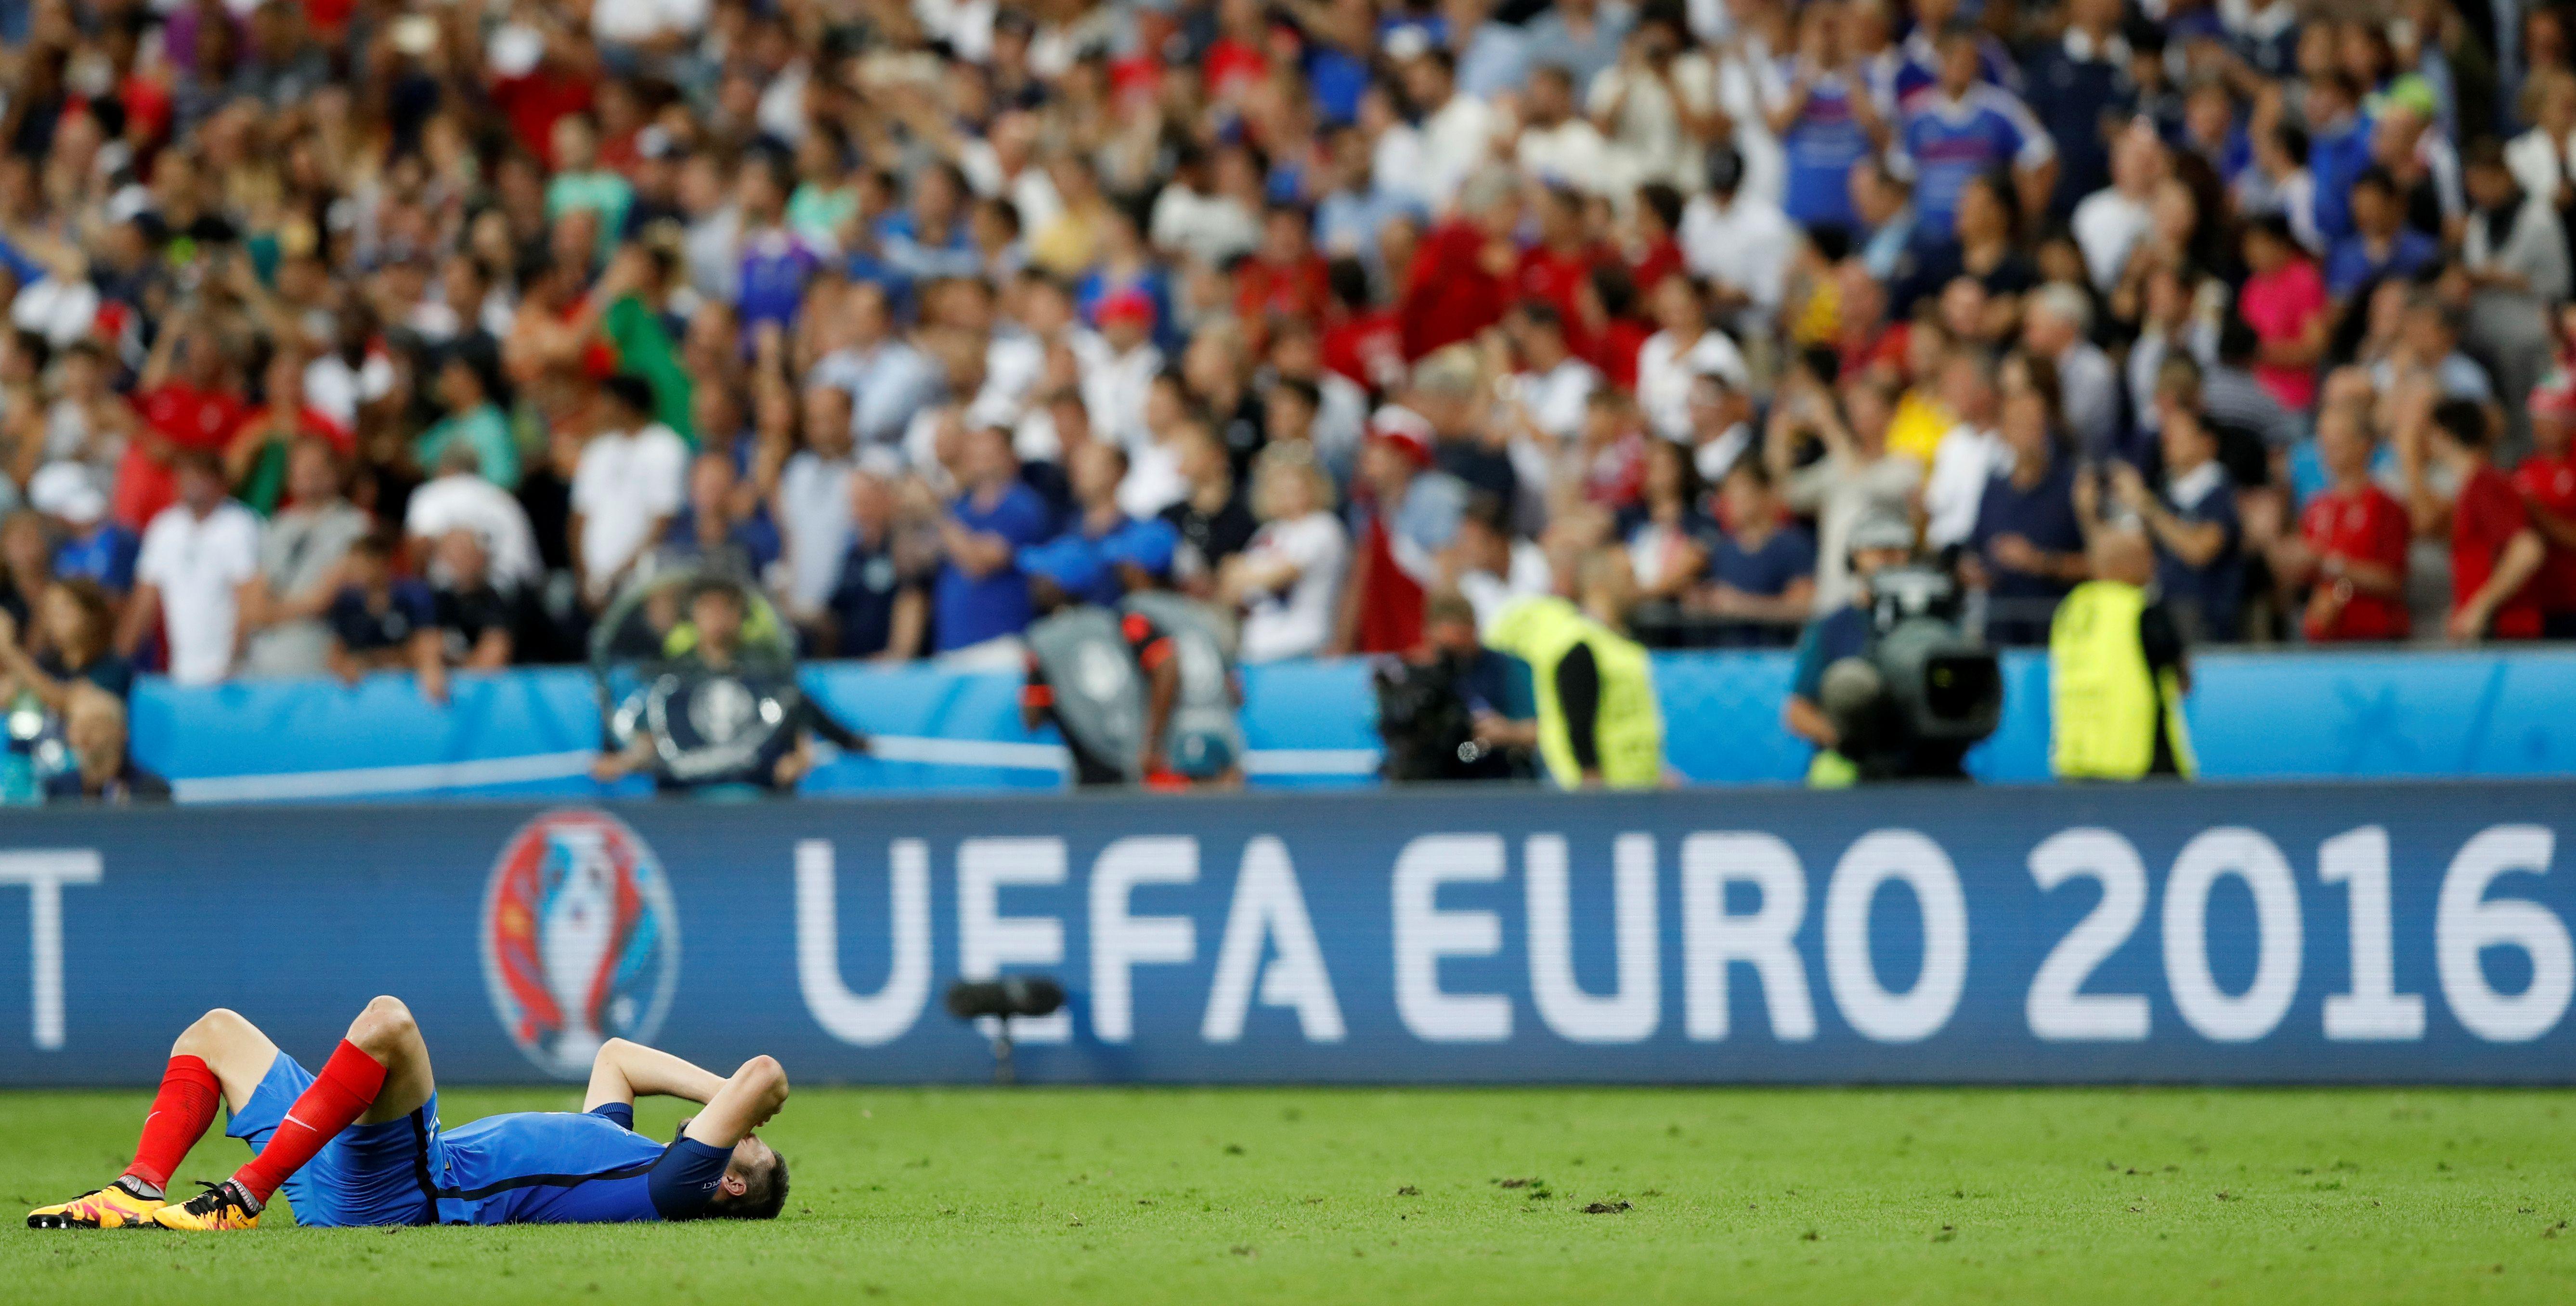 """La colère et la tristesse du n°10 Français, André-Pierre Gignac, allongé sur la pelouse du stade de France après la défaite des Bleus face au Portugal en finale de l'Euro 2016 le 10 juillet 2016, et qui parlera de """"cauchemar"""" à l'issue du match."""